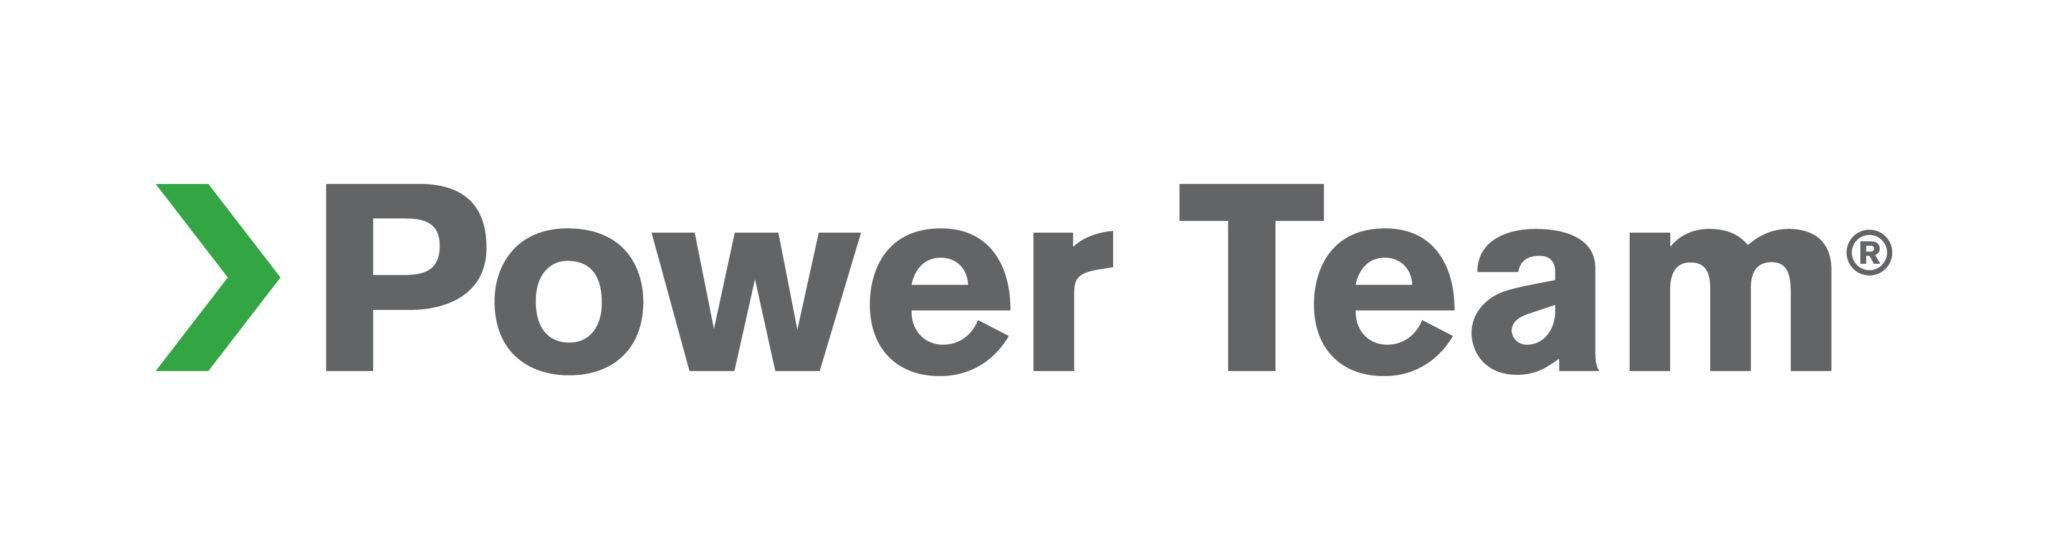 SPX-Power-Team-logo